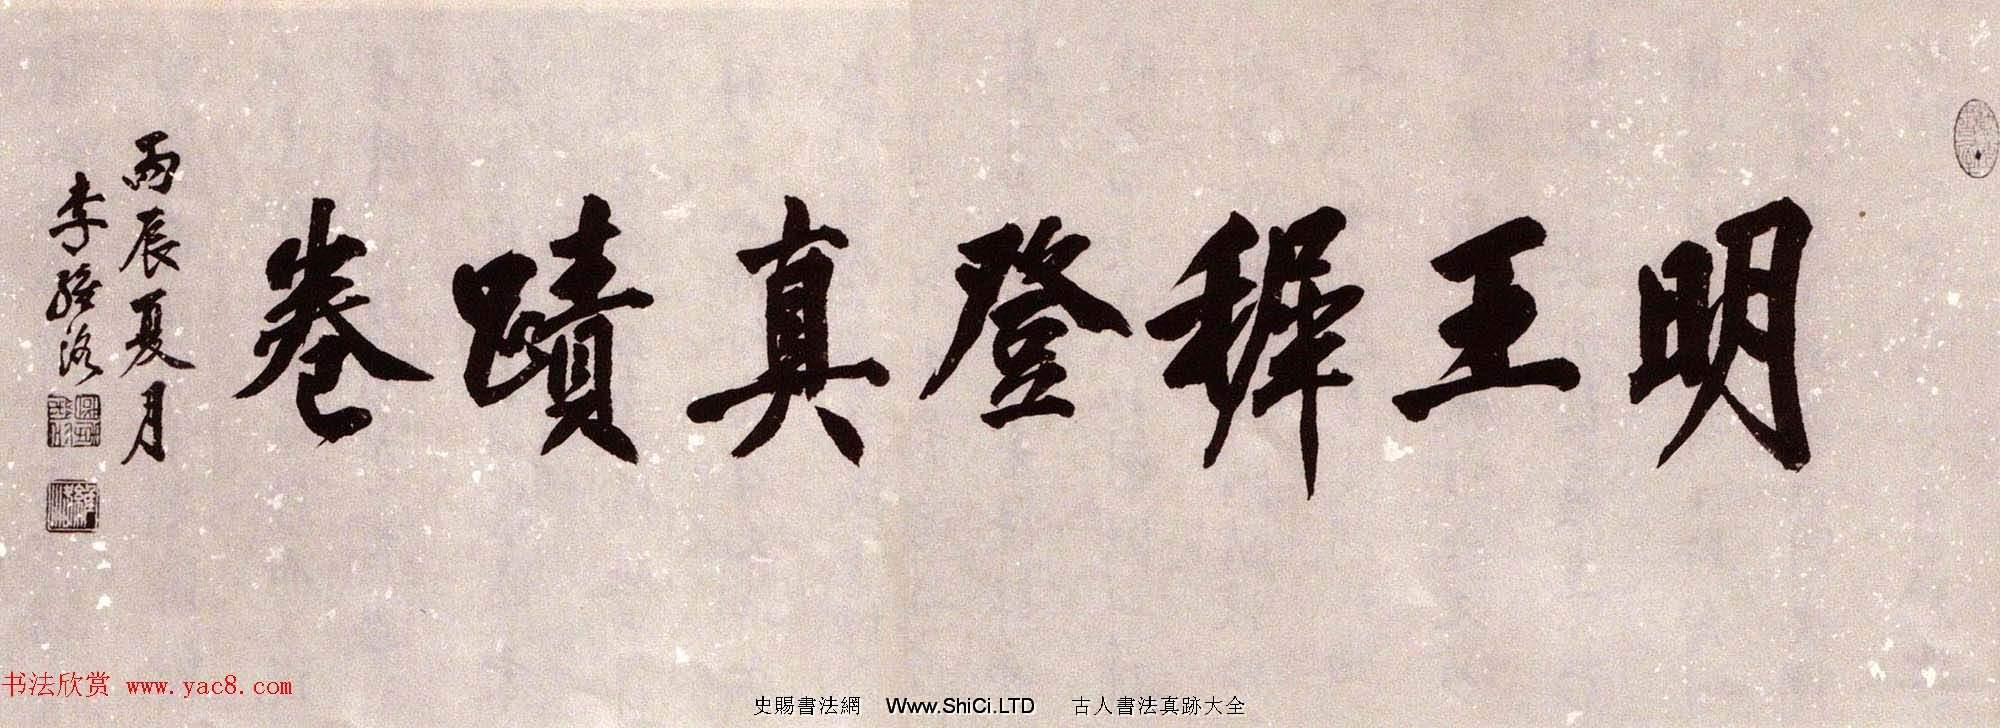 明王稚登真跡卷《行書秋聲賦卷》(共9張圖片)